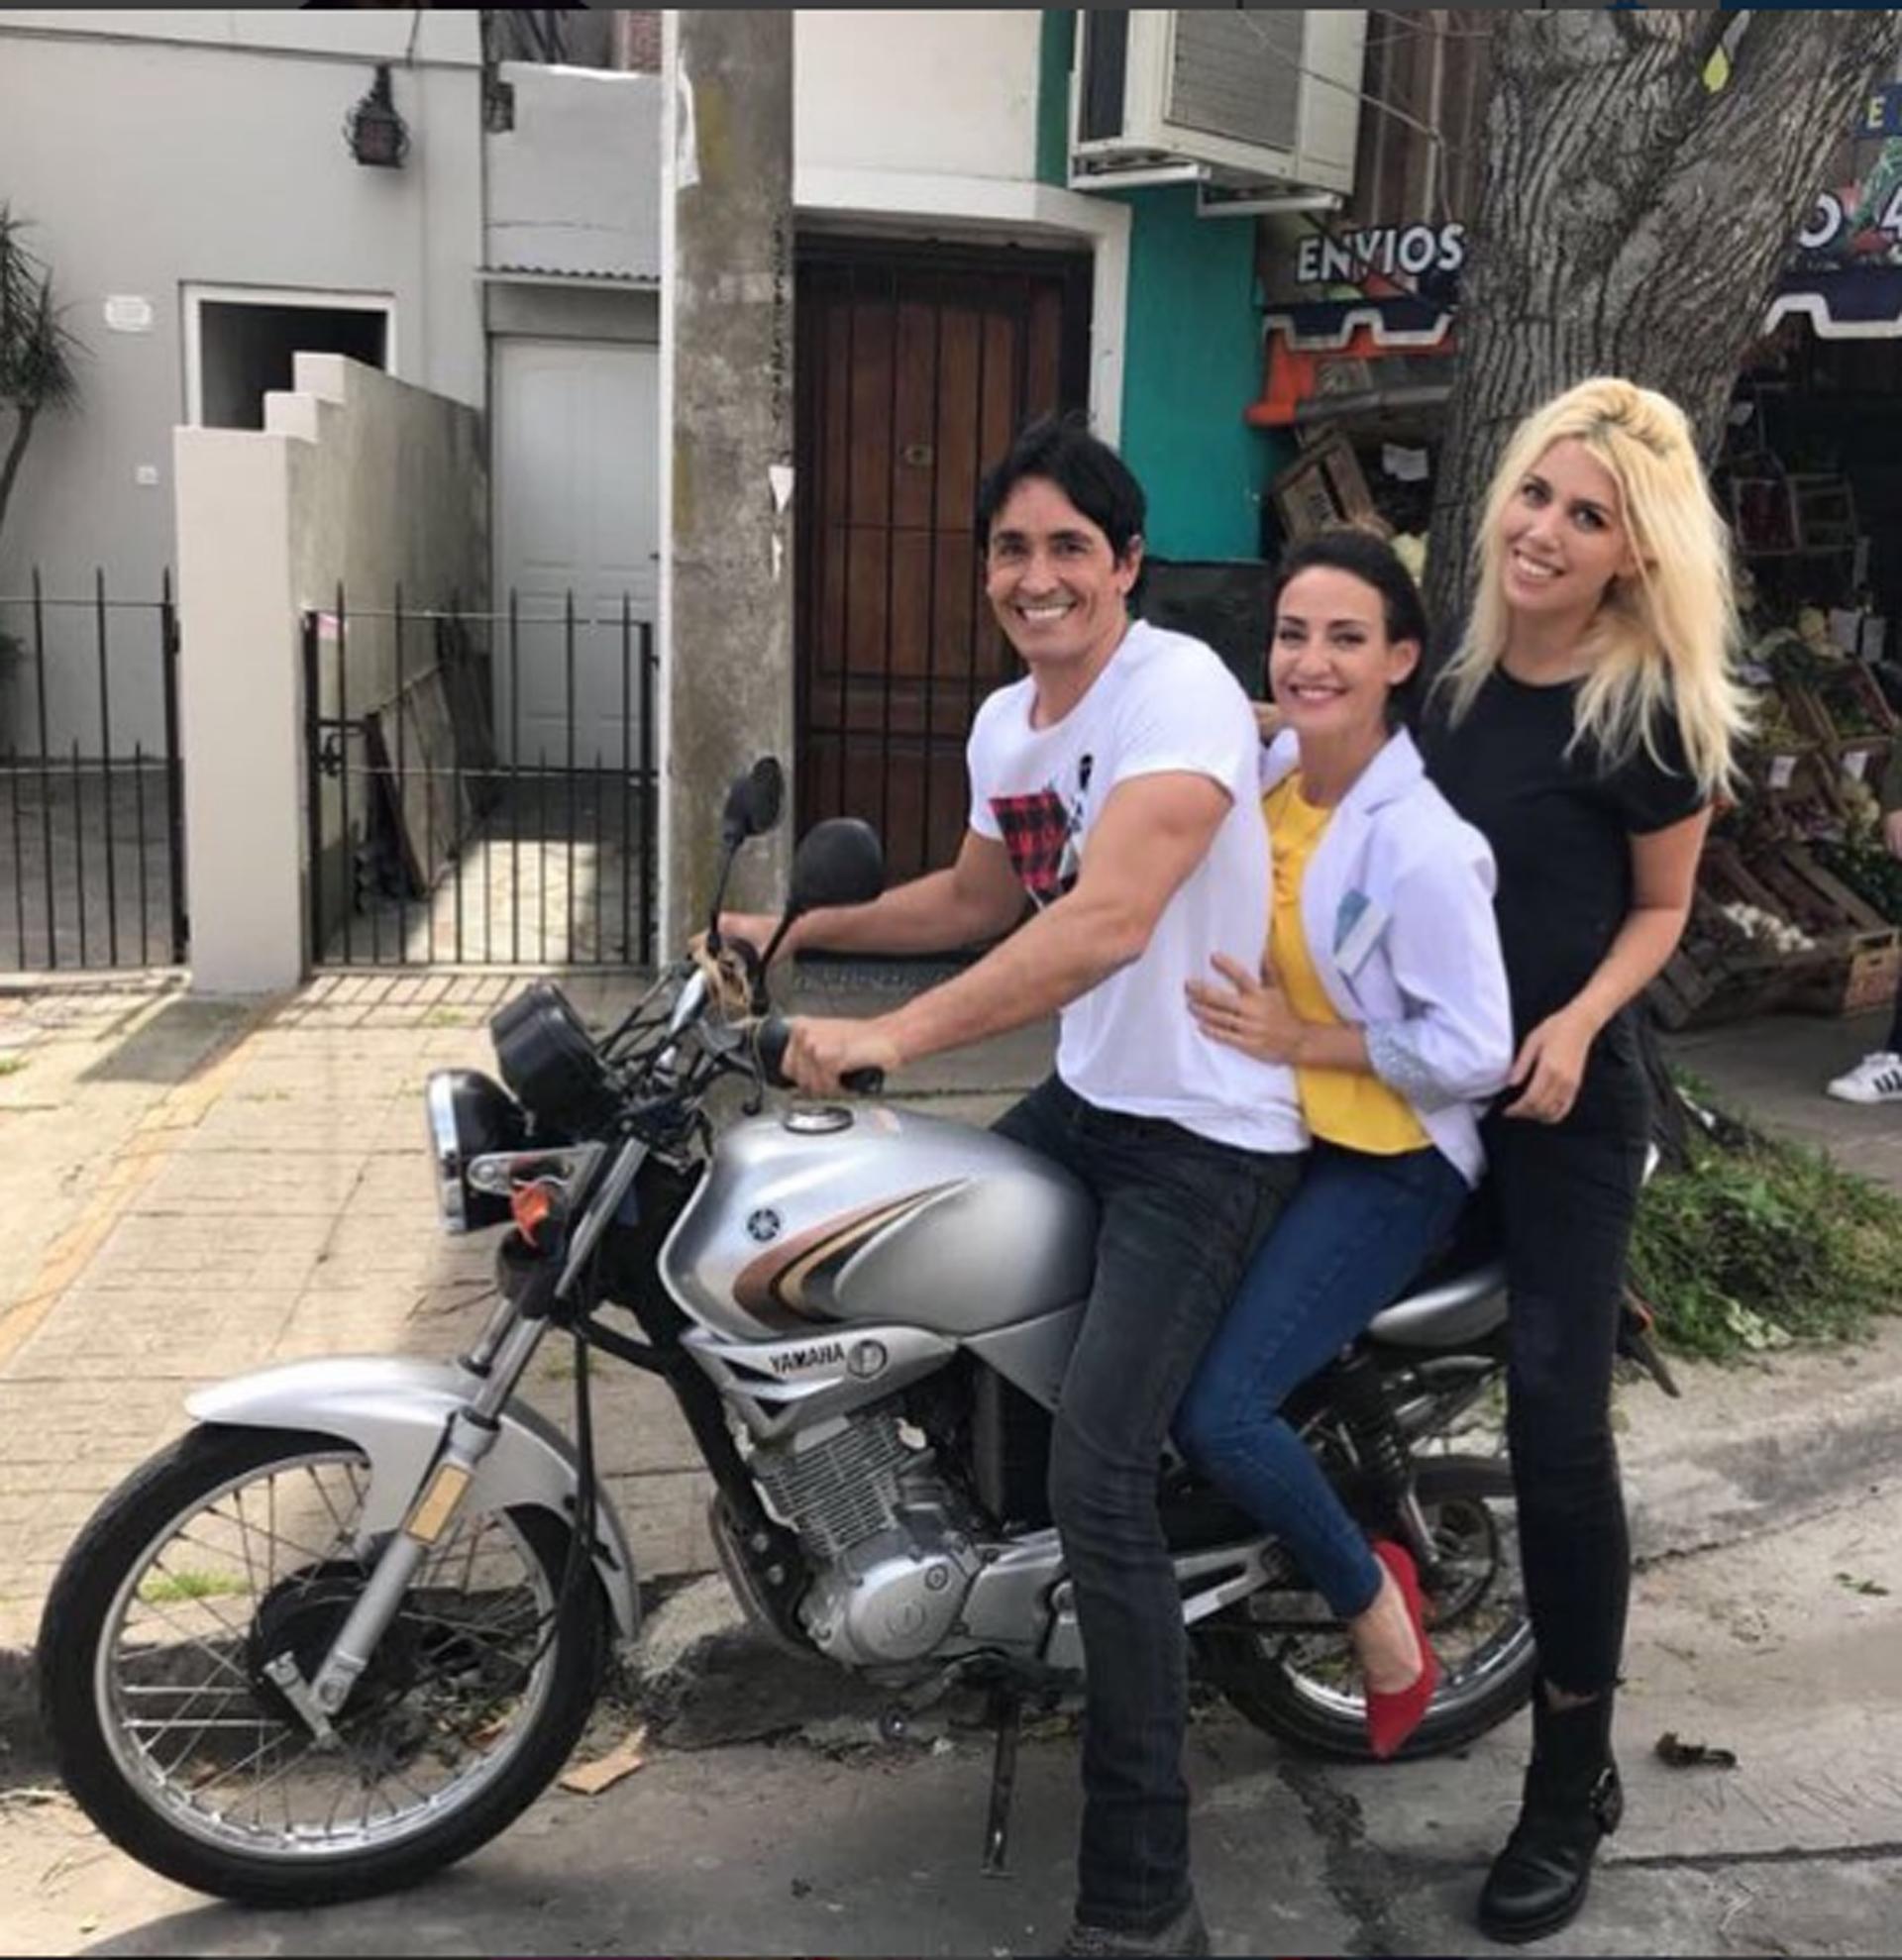 """Wanda Nara grabó un cameo en """"Golpe al corazón"""" con Sebastián Estevanez y Eleonora Wexler. Además, la esposa de Mauro Icardi se prepara para realizar su debut en la pantalla grande"""